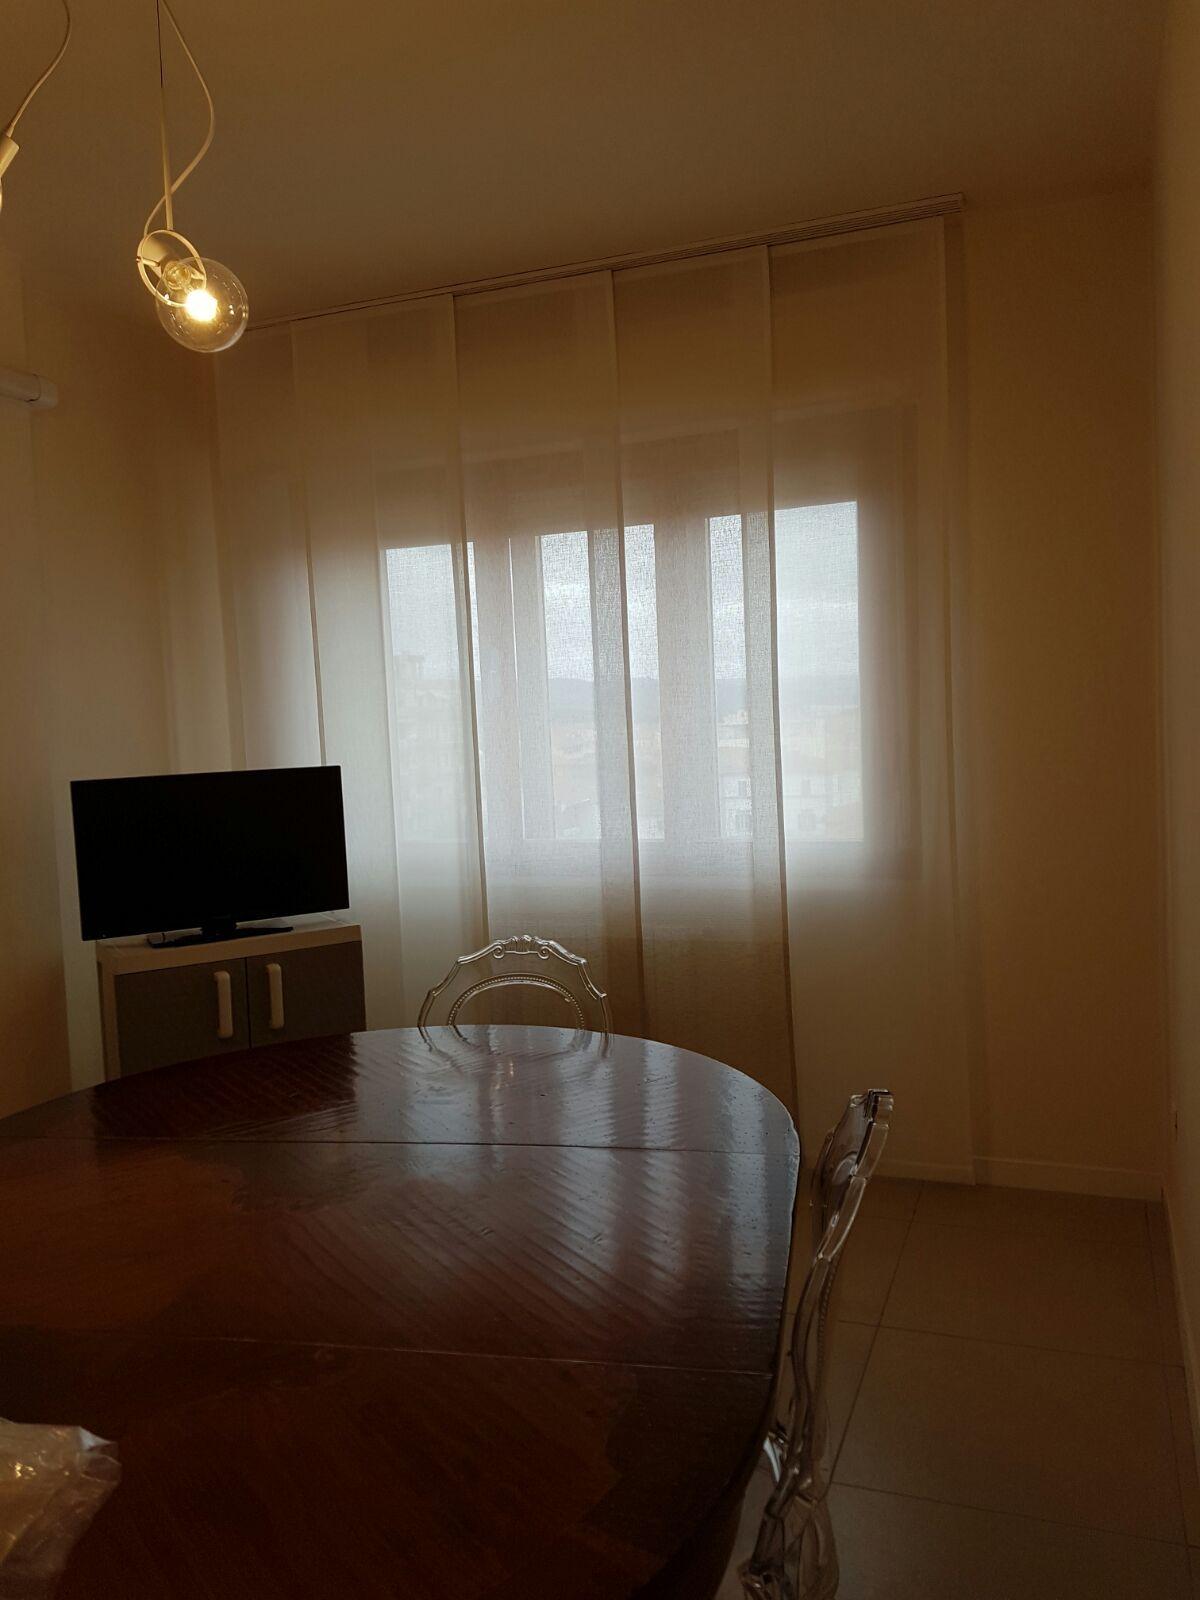 Tenda a pannello per sala da pranzo tende da interni serramenti ed avvolgibili curtains - Tende per sala da pranzo ...